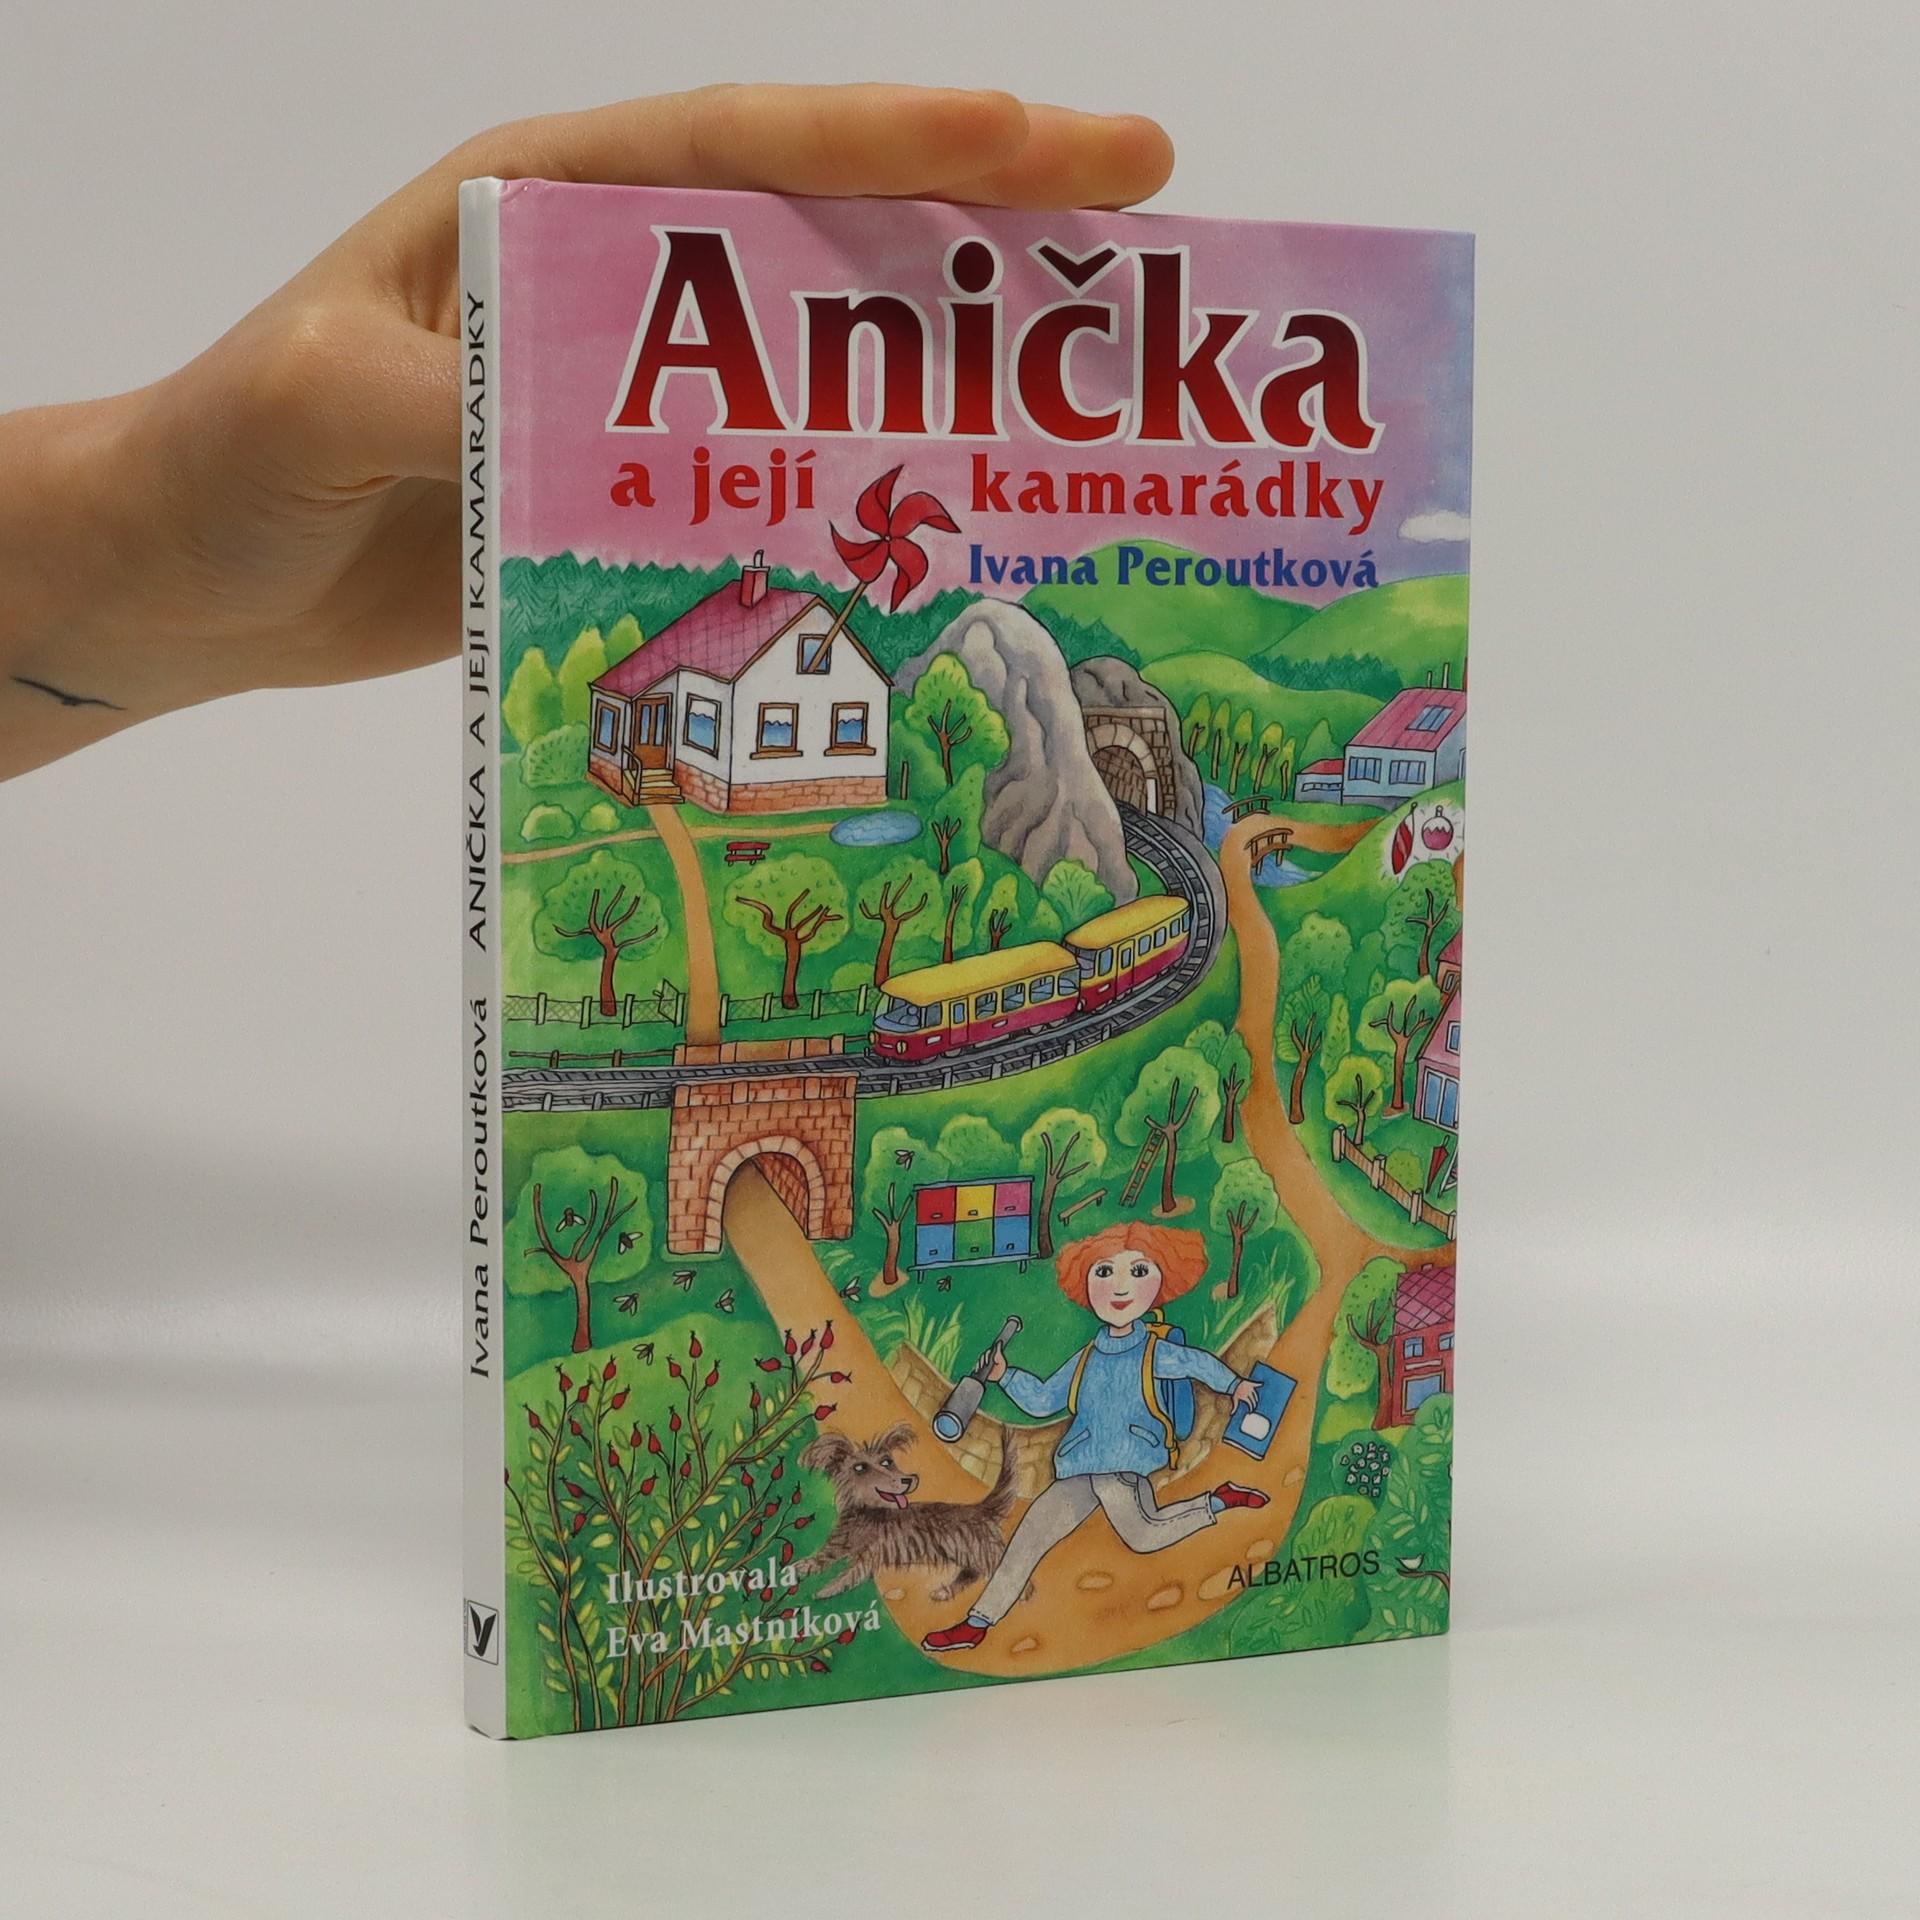 antikvární kniha Anička a její kamarádky, 2015